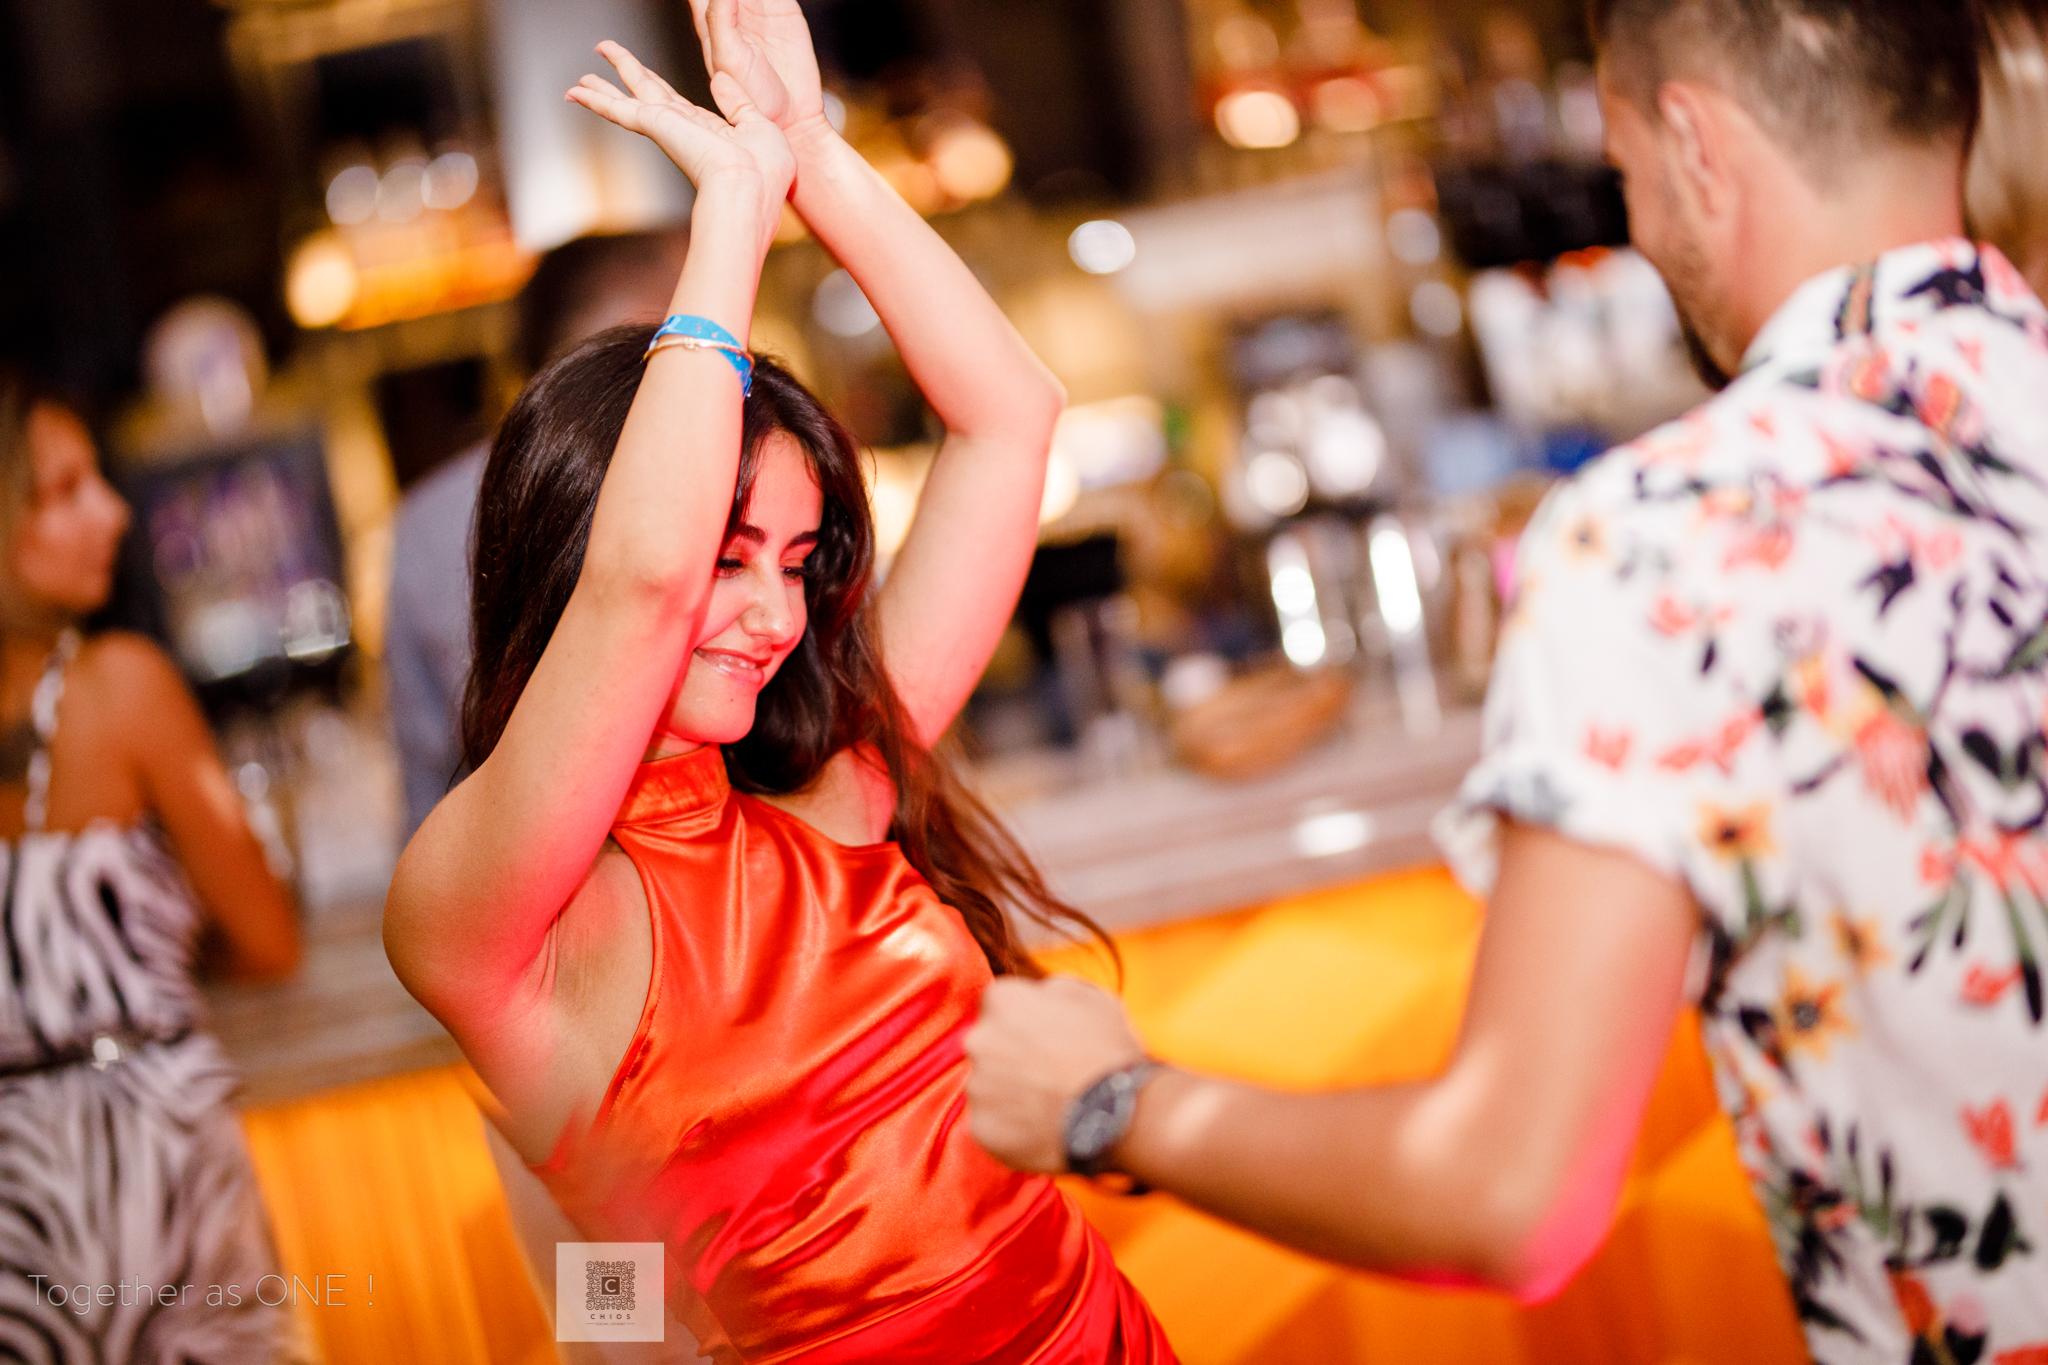 CHIOS SOCIAL BEATS - 9 Iulie '21 @ CHIOS Social Lounge